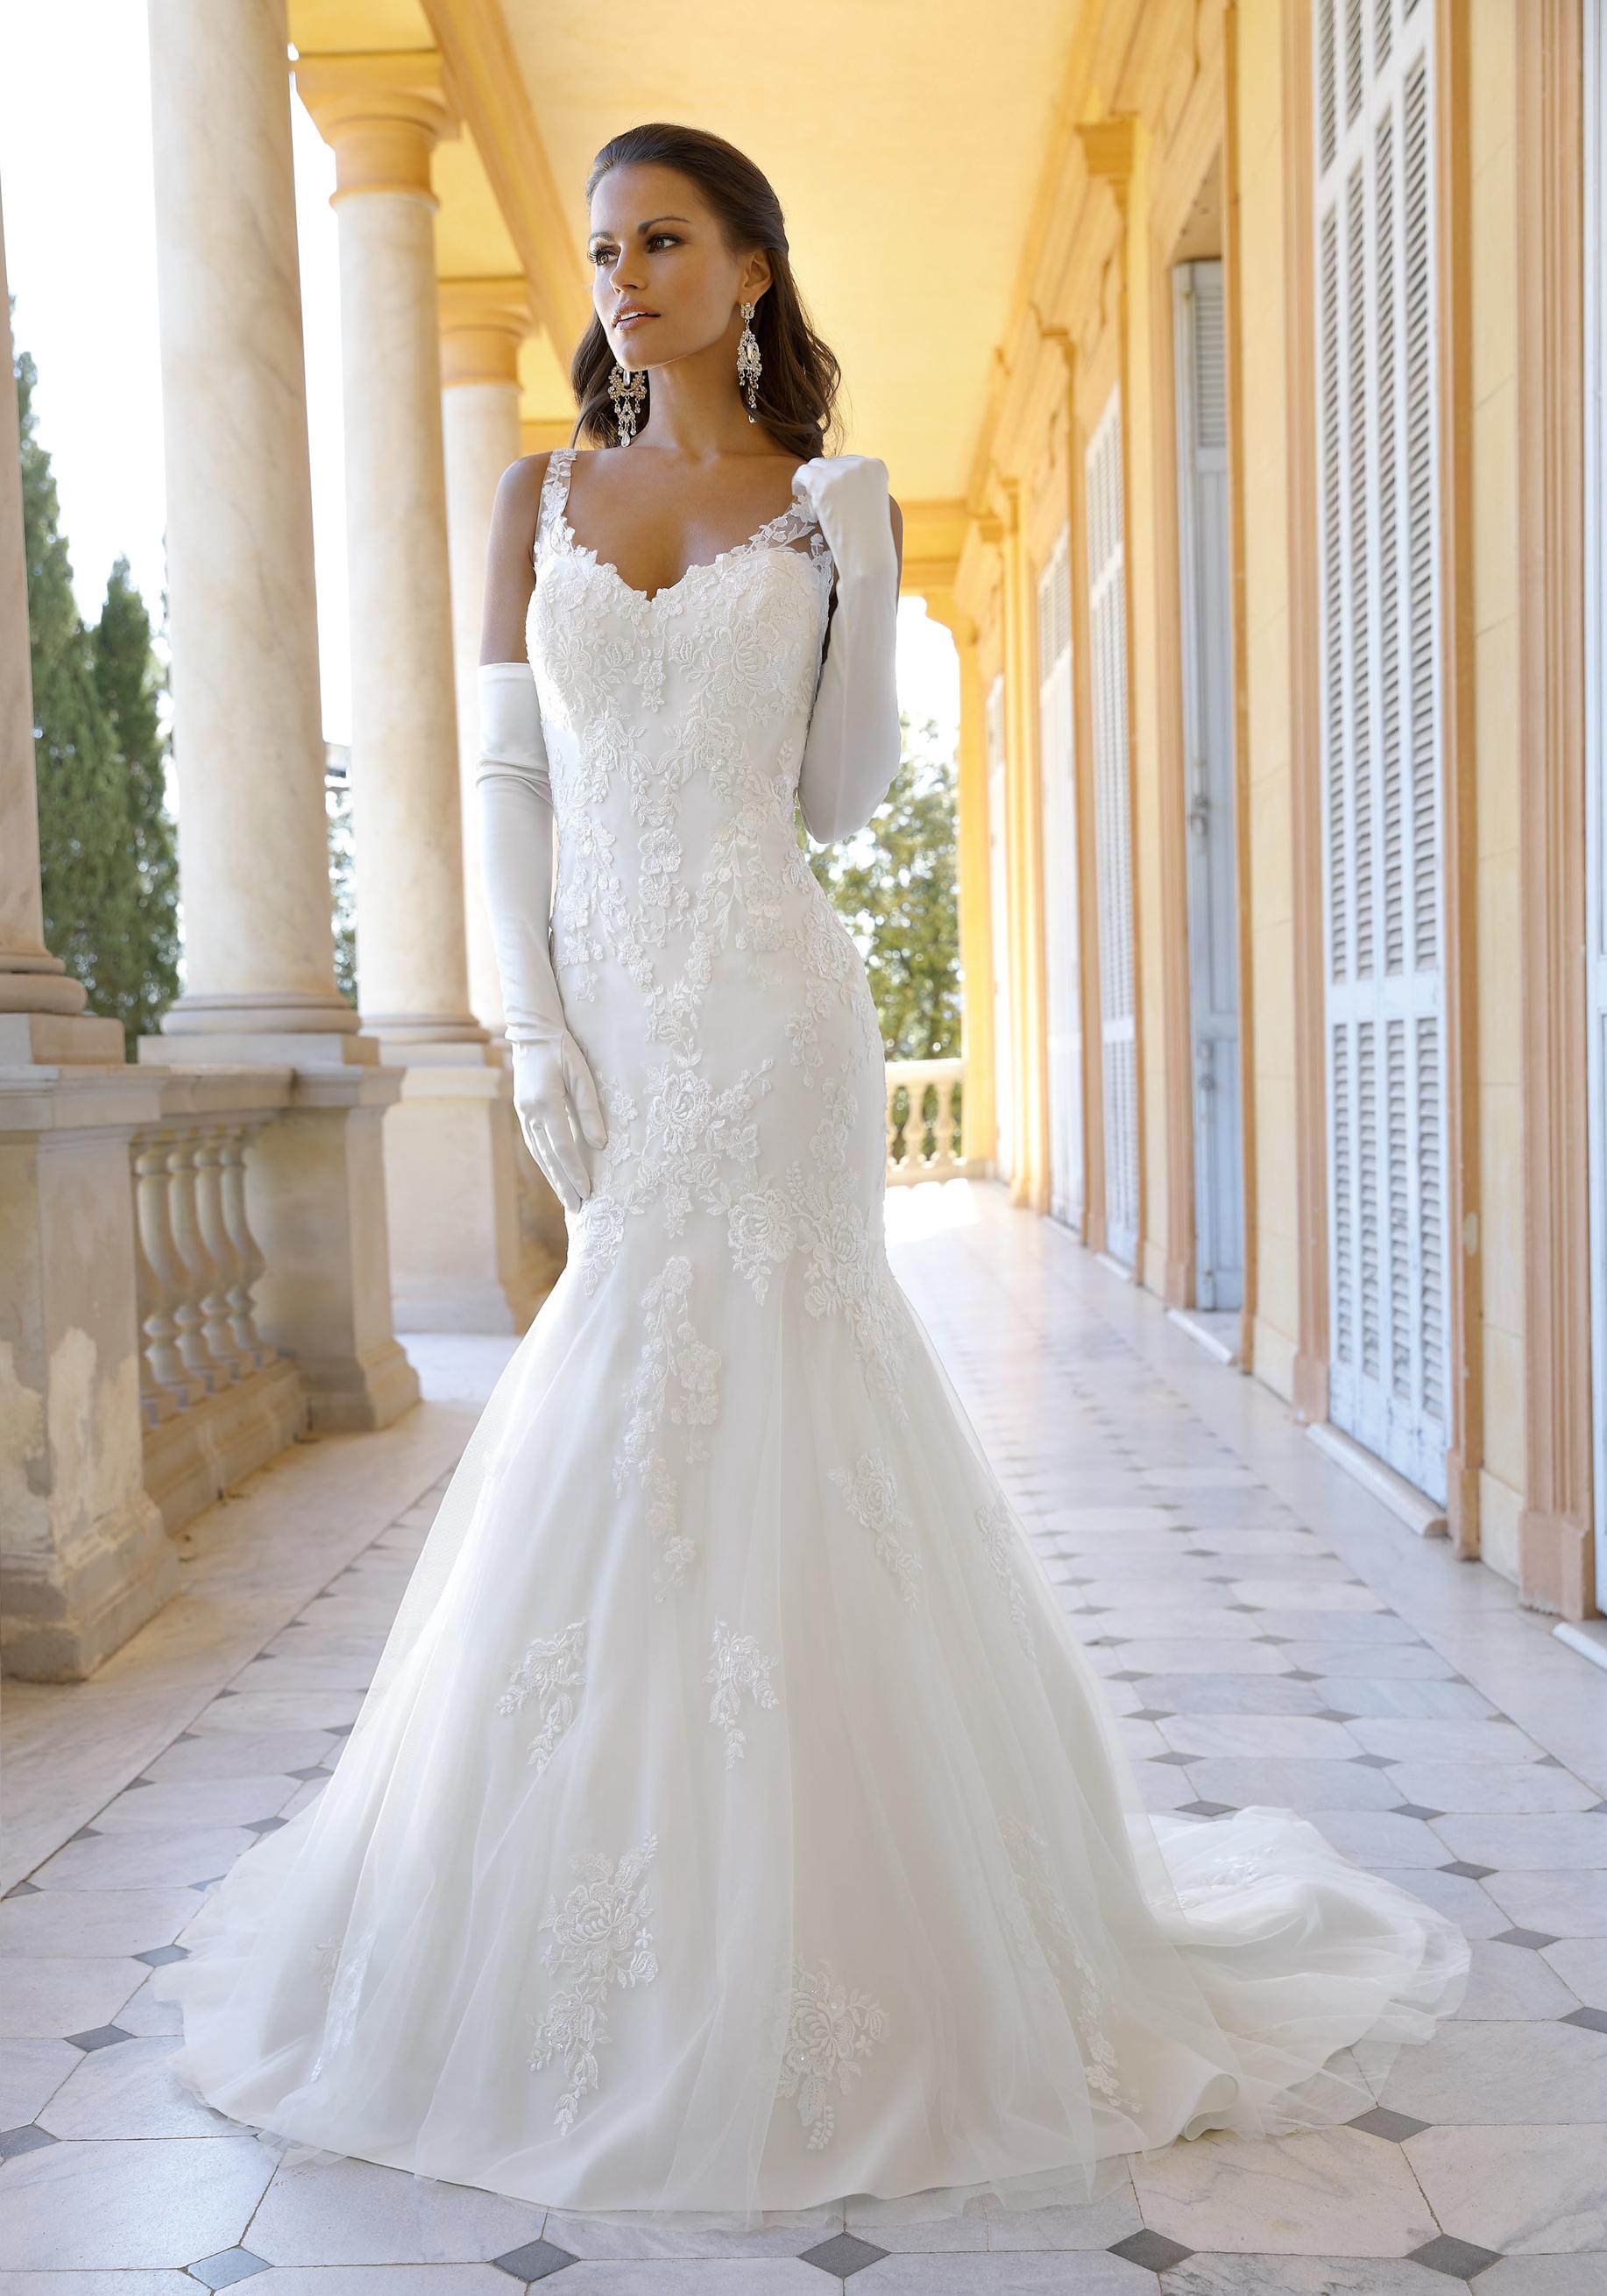 Hochzeitskleider Brautkleider für Amberg Regensburg Schwandorf Weiden